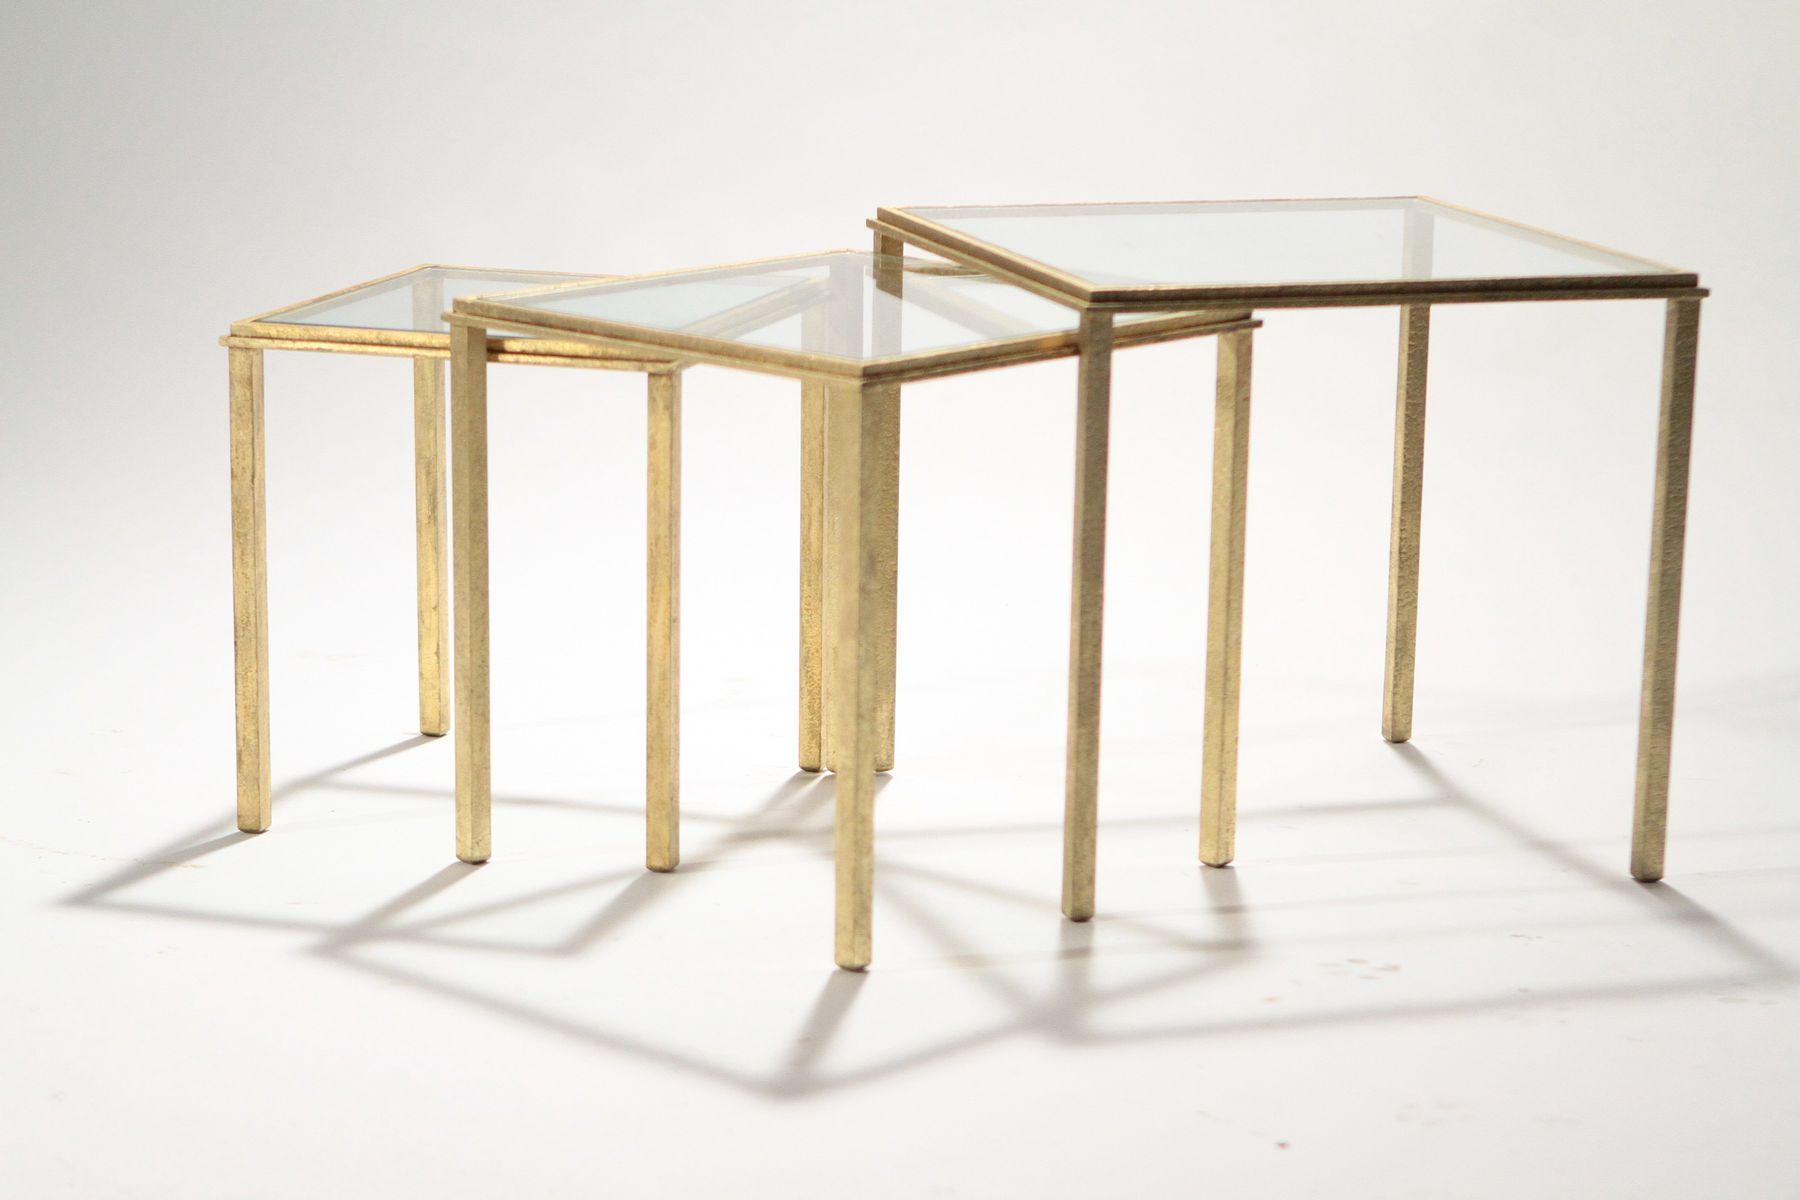 satztische von maison ramsay 1950er bei pamono kaufen. Black Bedroom Furniture Sets. Home Design Ideas